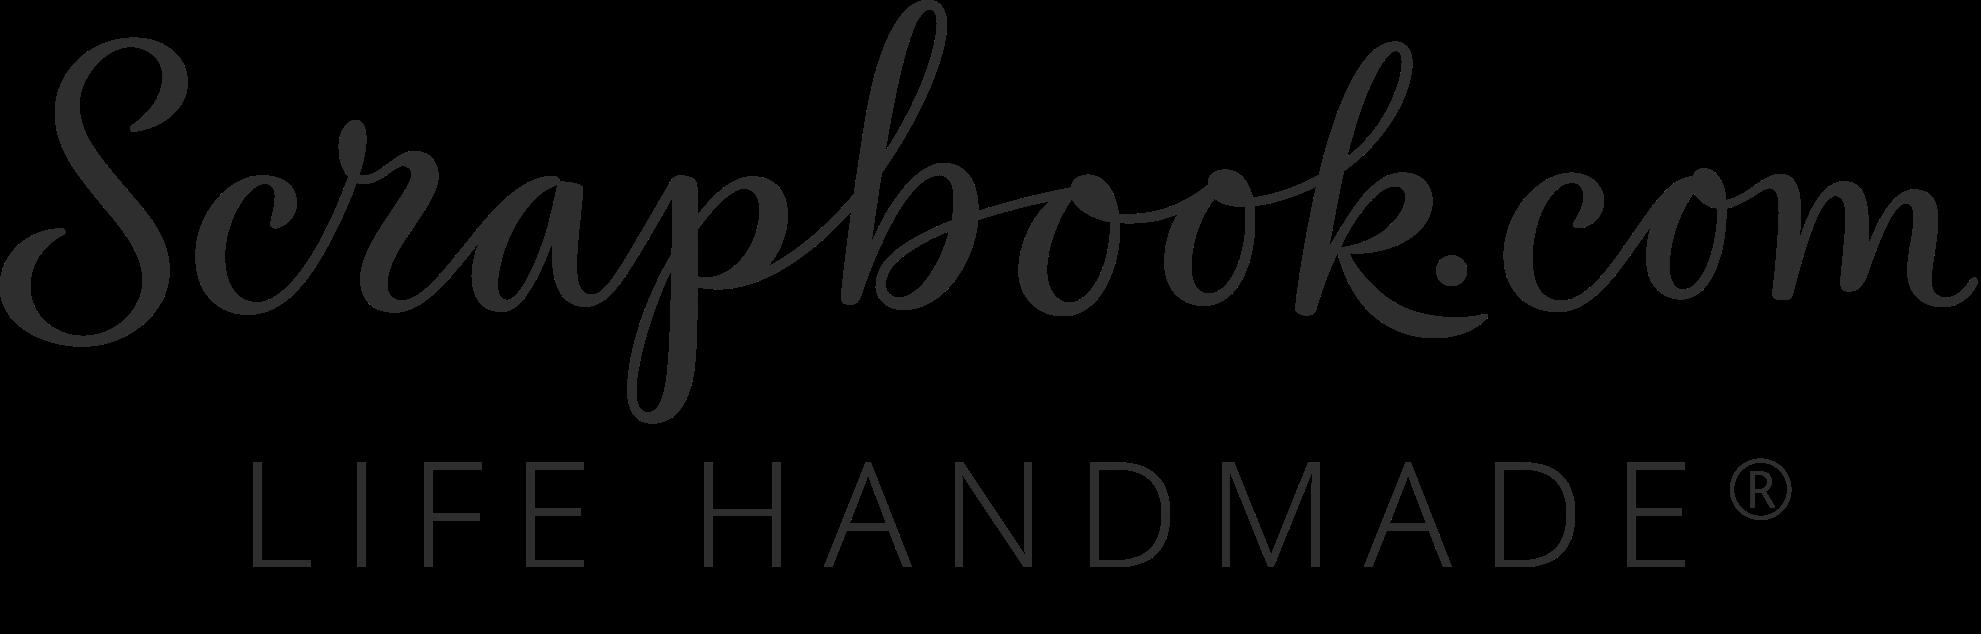 Life Handmade Podcast by Scrapbook.com